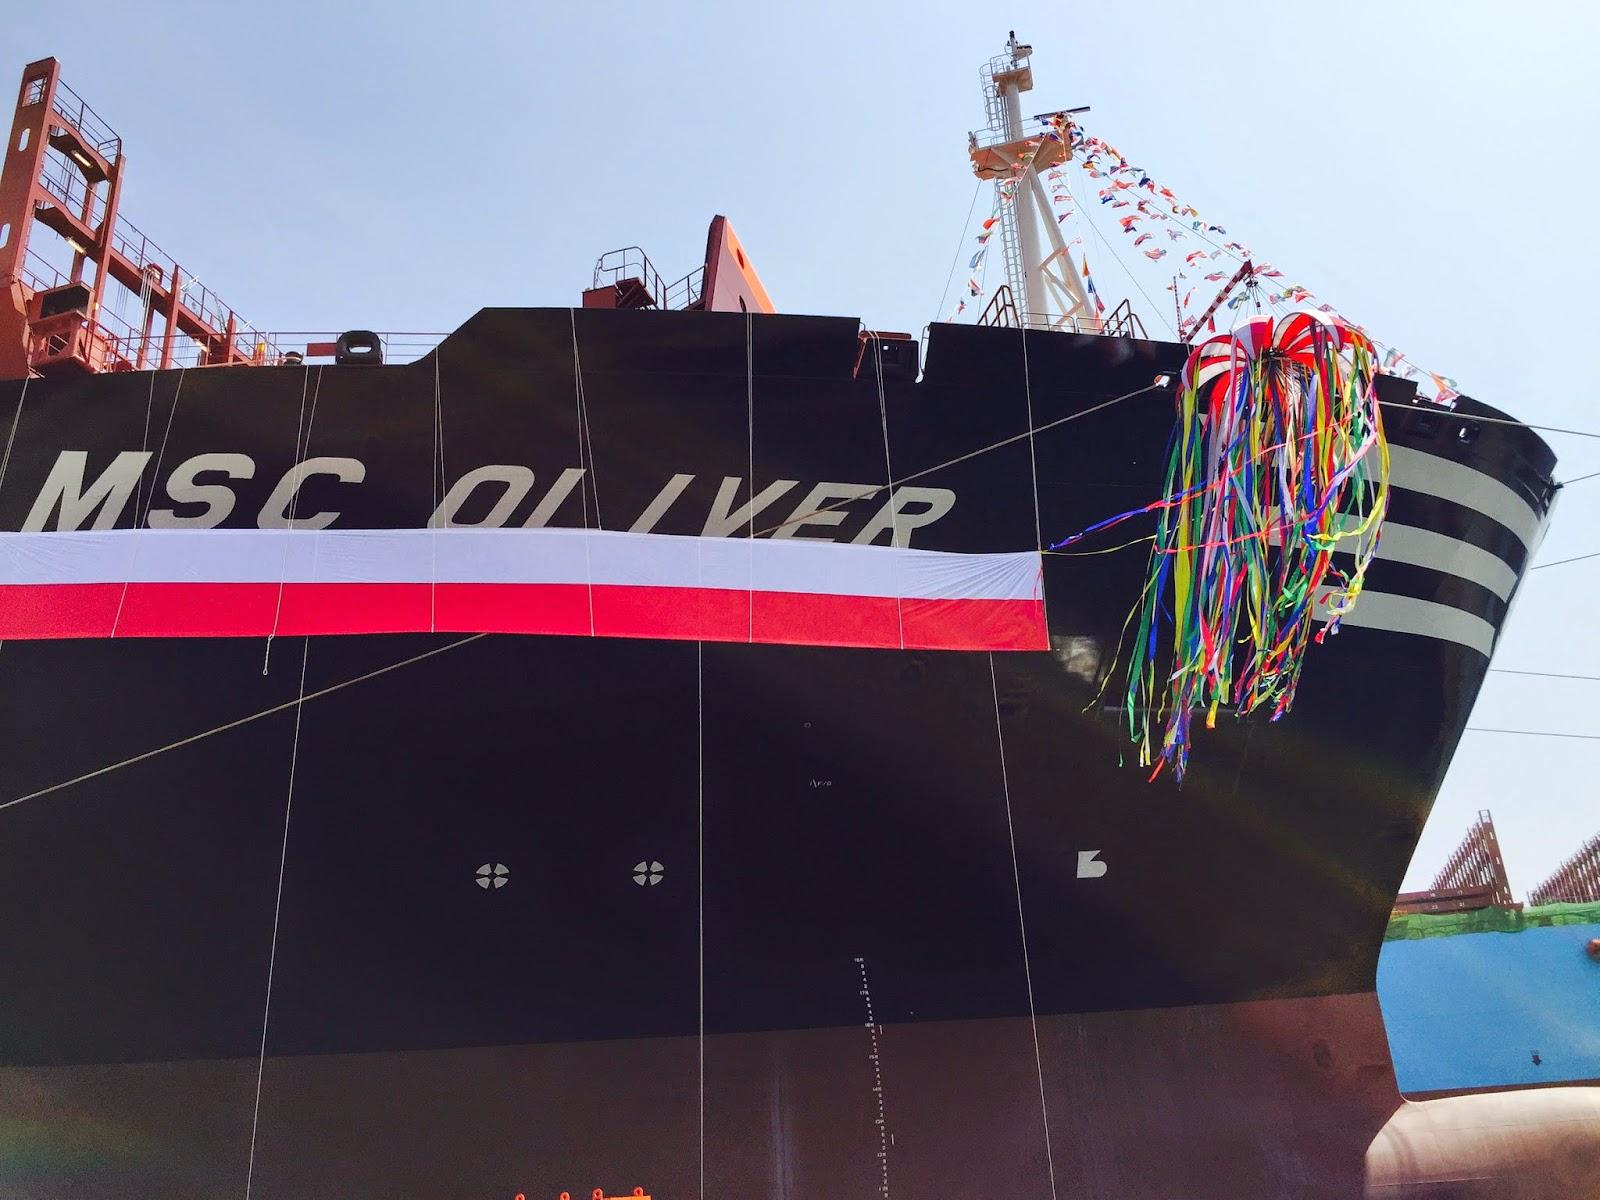 Consegnata la nave portacontainer Msc Oliver